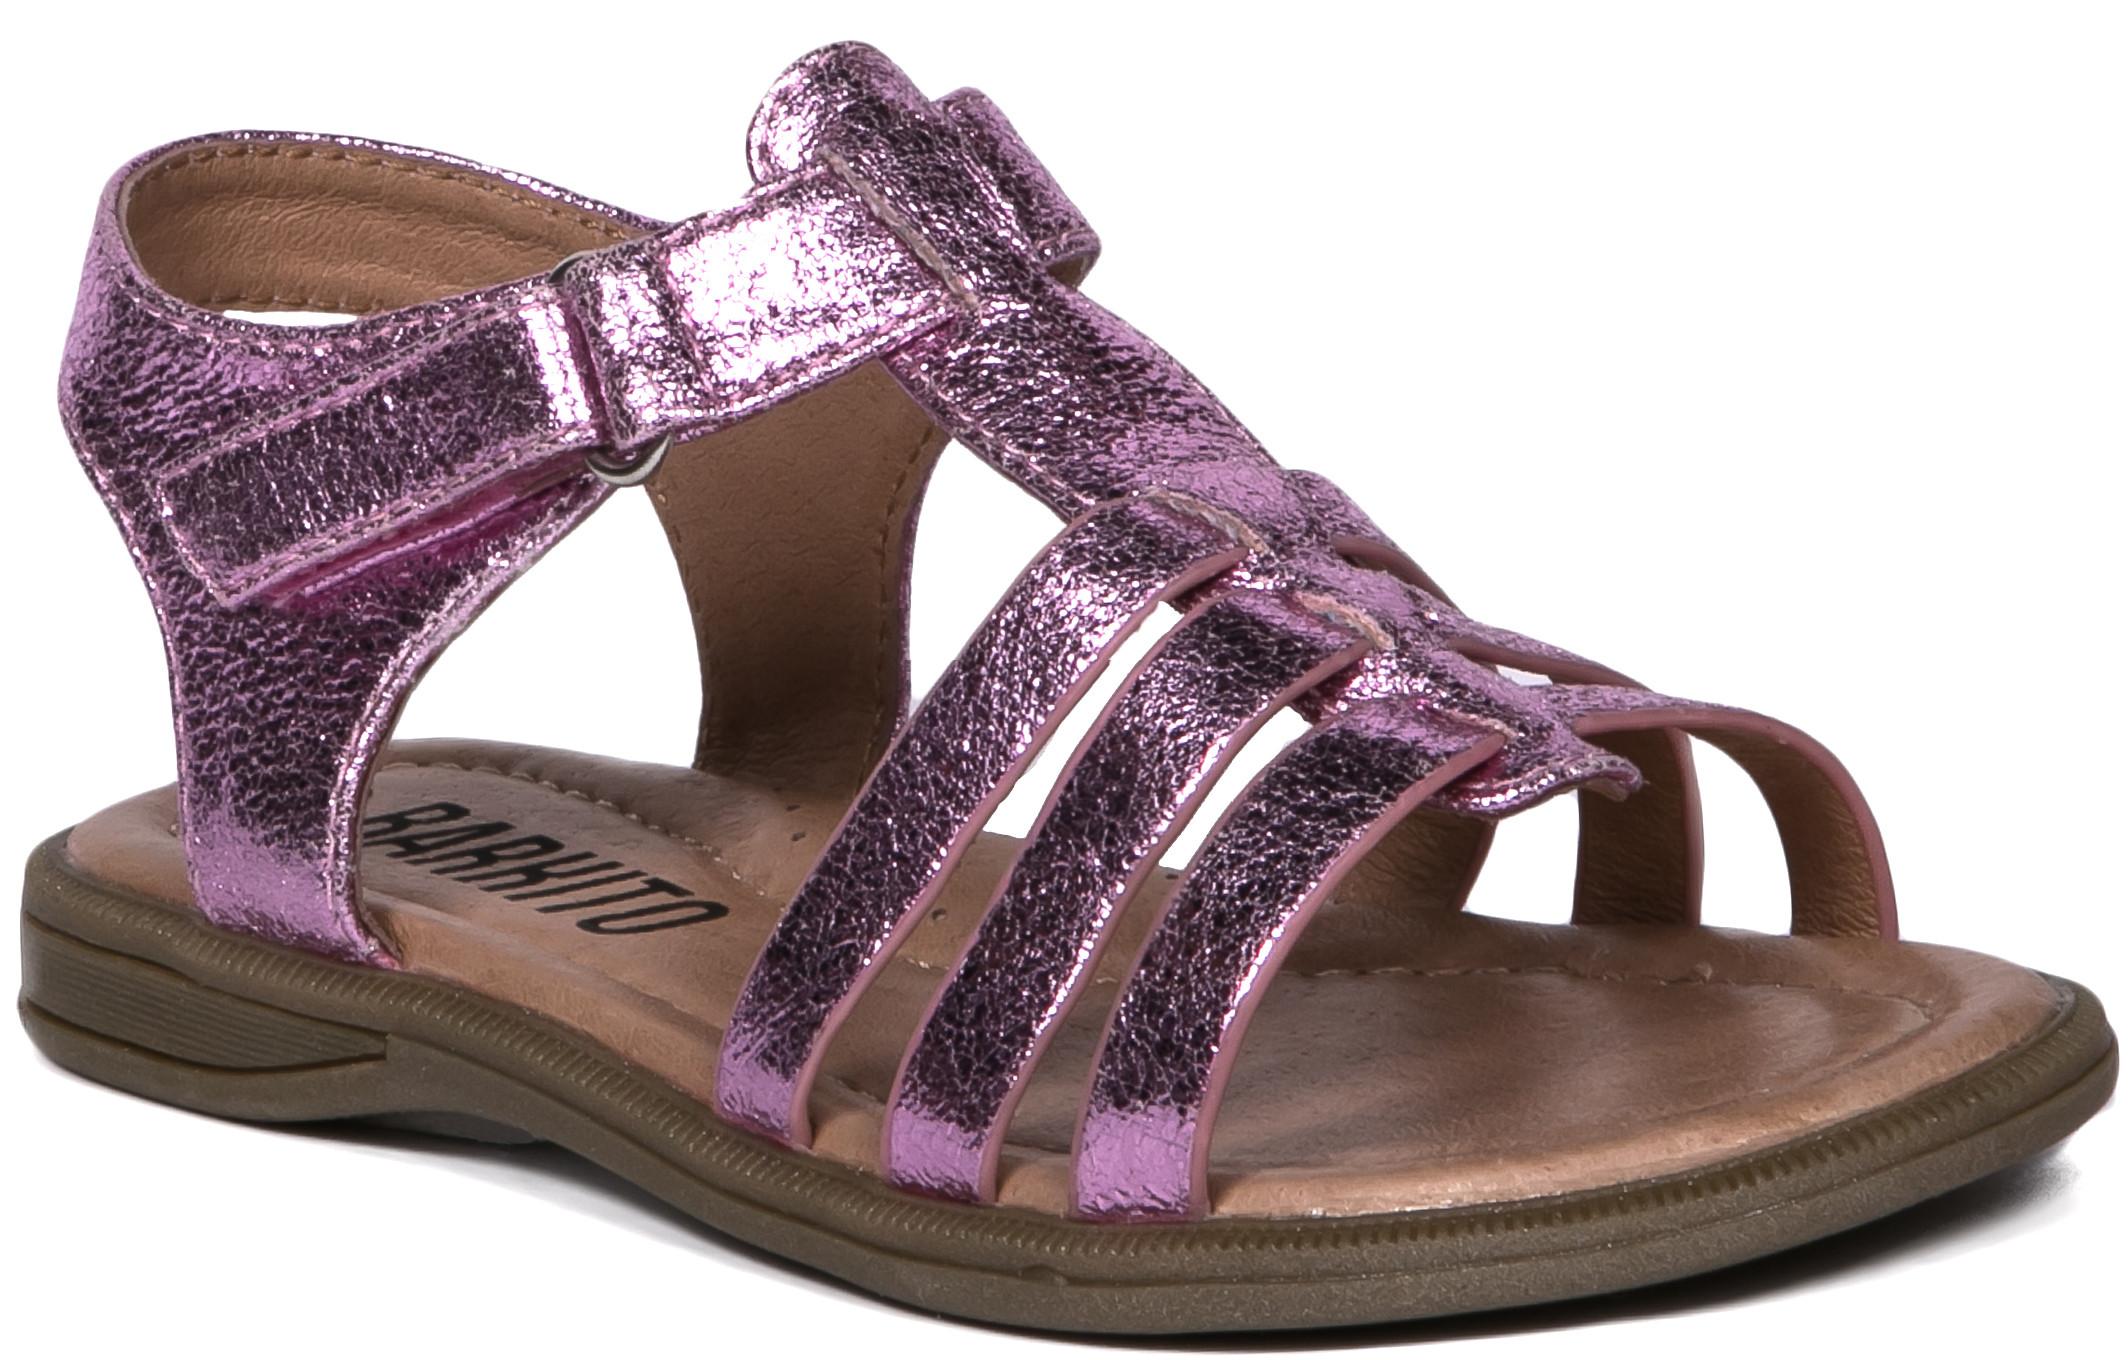 Босоножки Barkito Туфли летние для девочки Barkito, розовый цены онлайн